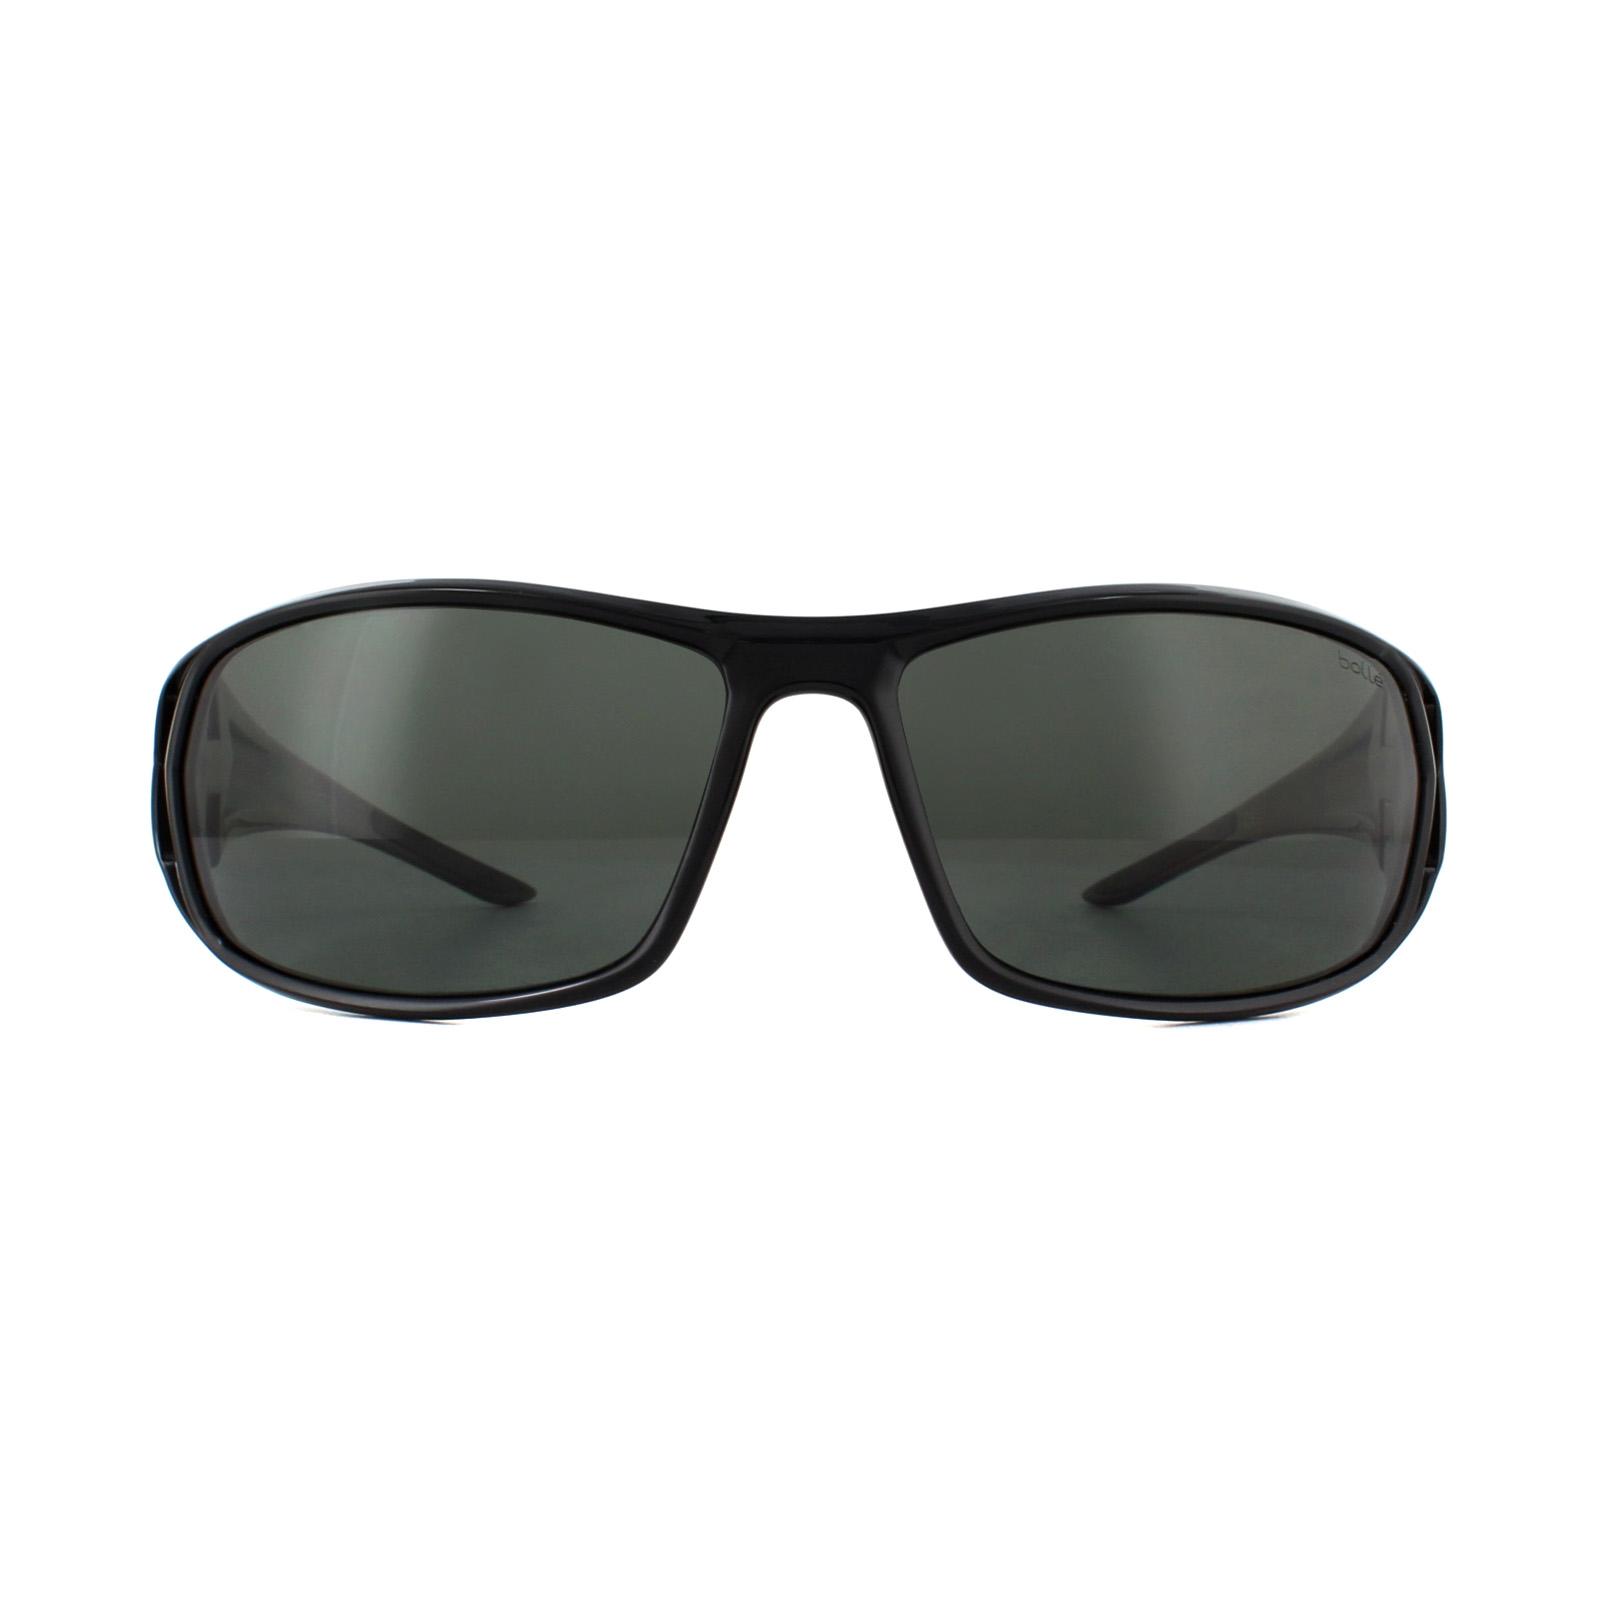 5286ef48f5 CENTINELA BOLLE gafas de sol cabrillas 12028 TNS negro brillante gris  polarizado